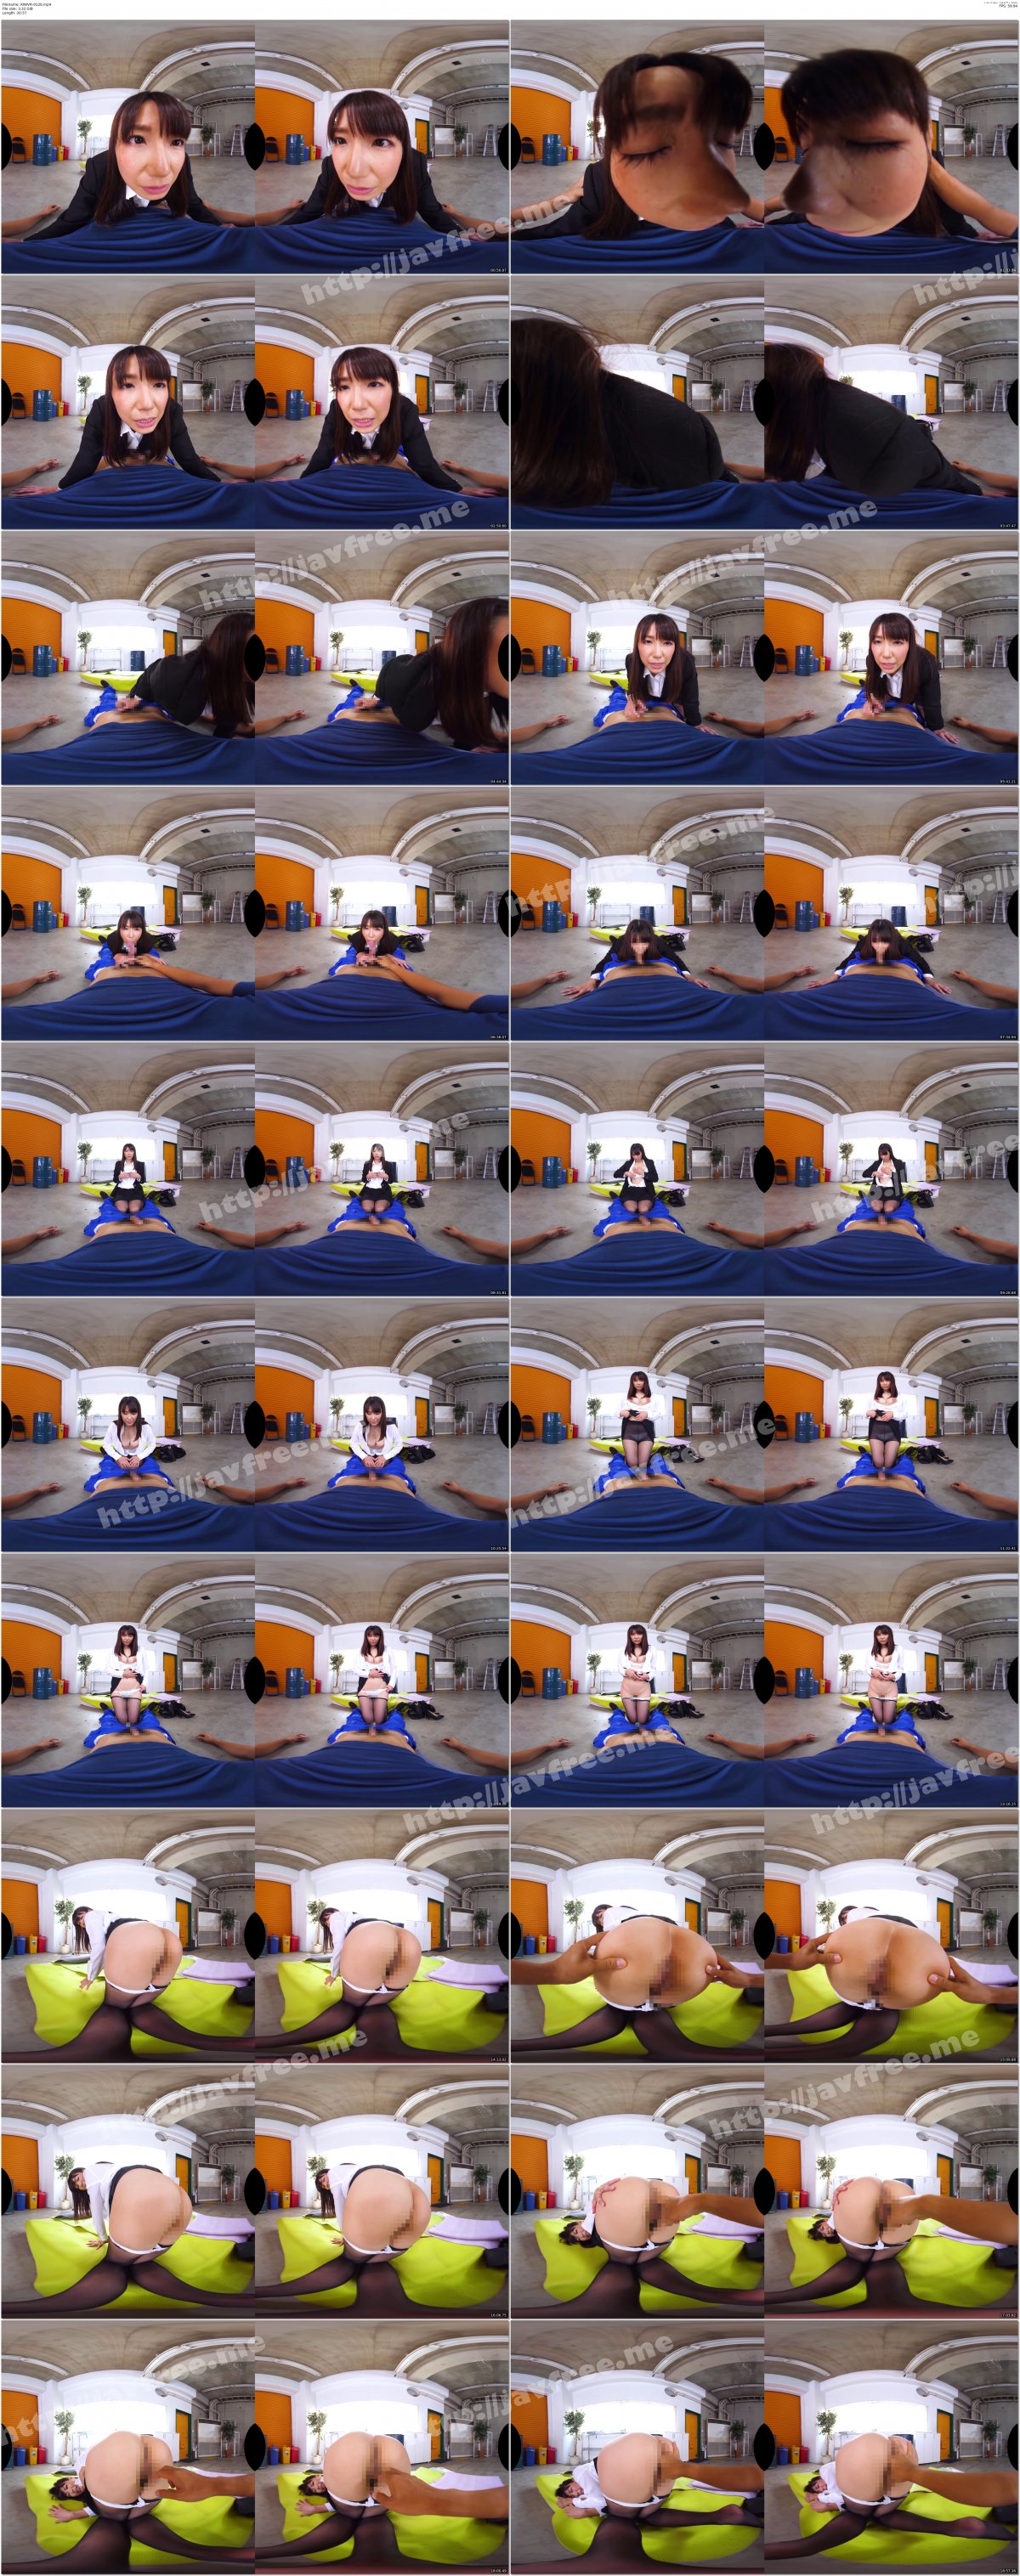 [KIWVR-012] 【VR】HQ超画質革命! クレーム処理にきた美人OLを土下座謝罪させてアレコレ命令しまくって生ハメ中出ししたモンスタークレーマーVR 加藤あやの - image KIWVR-012b on https://javfree.me